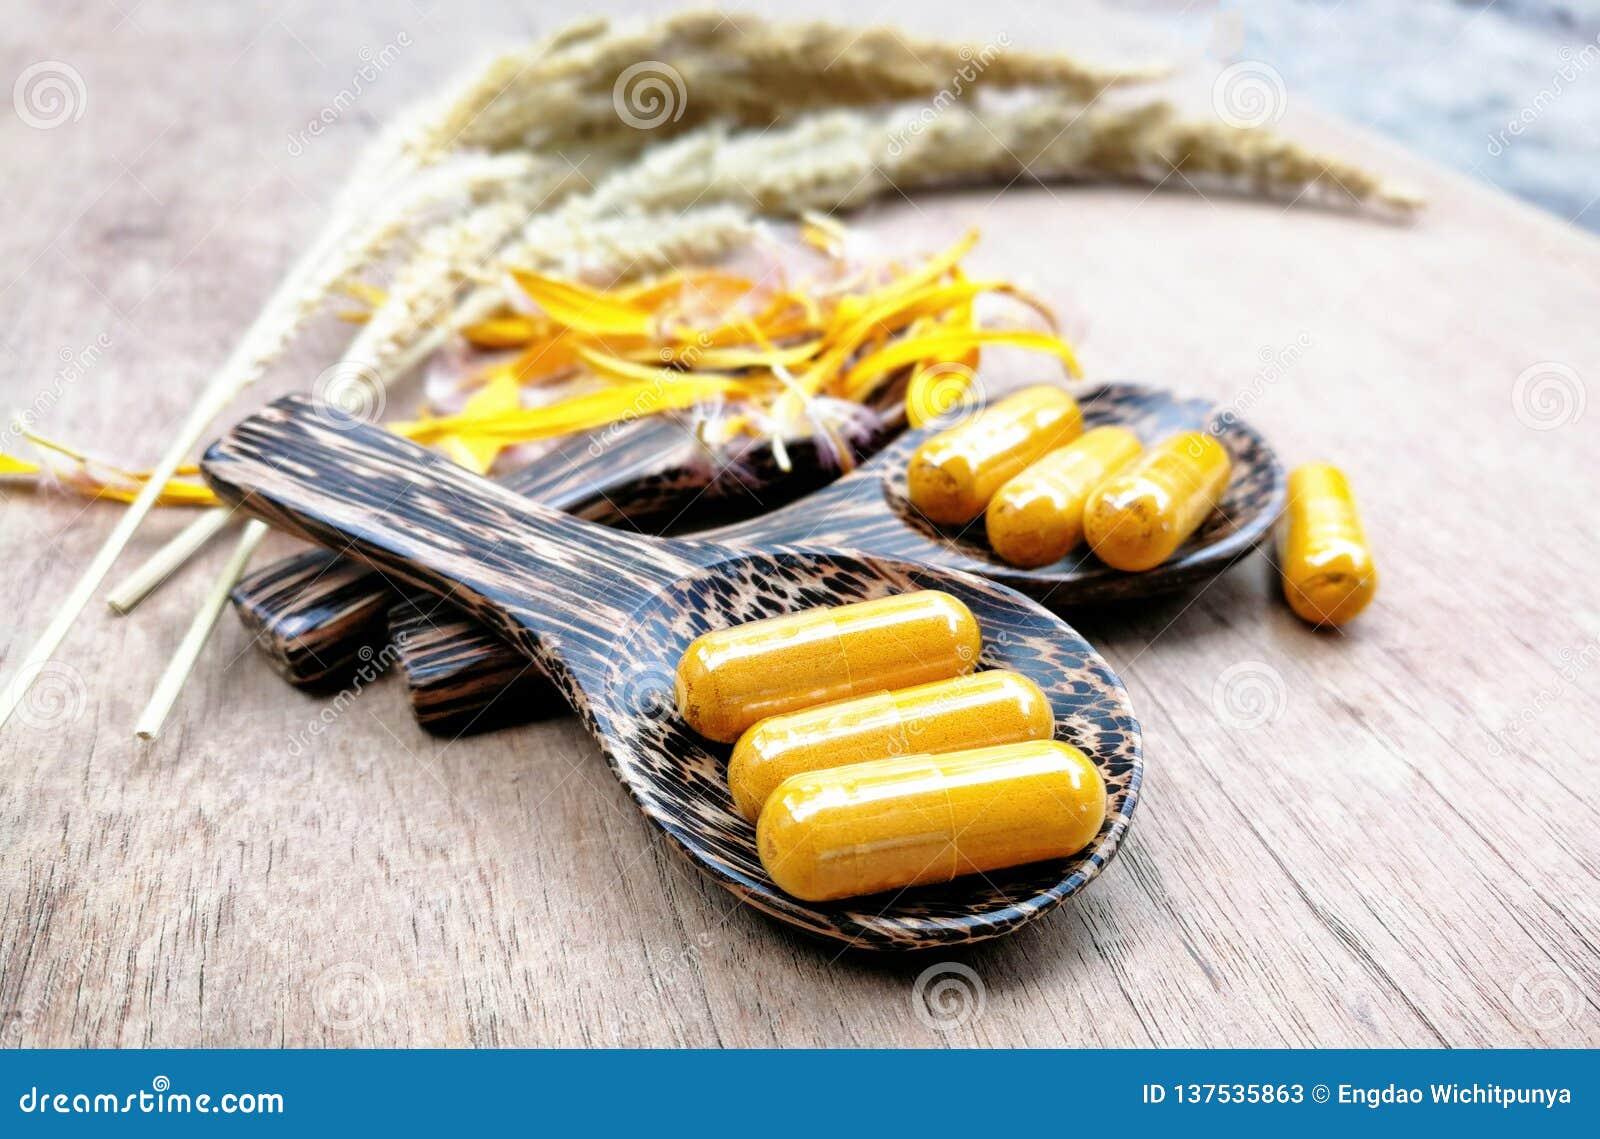 Natureza do fitoterapia/cúrcuma natural do extrato para cápsulas do amarelo da medicina da erva na colher de madeira